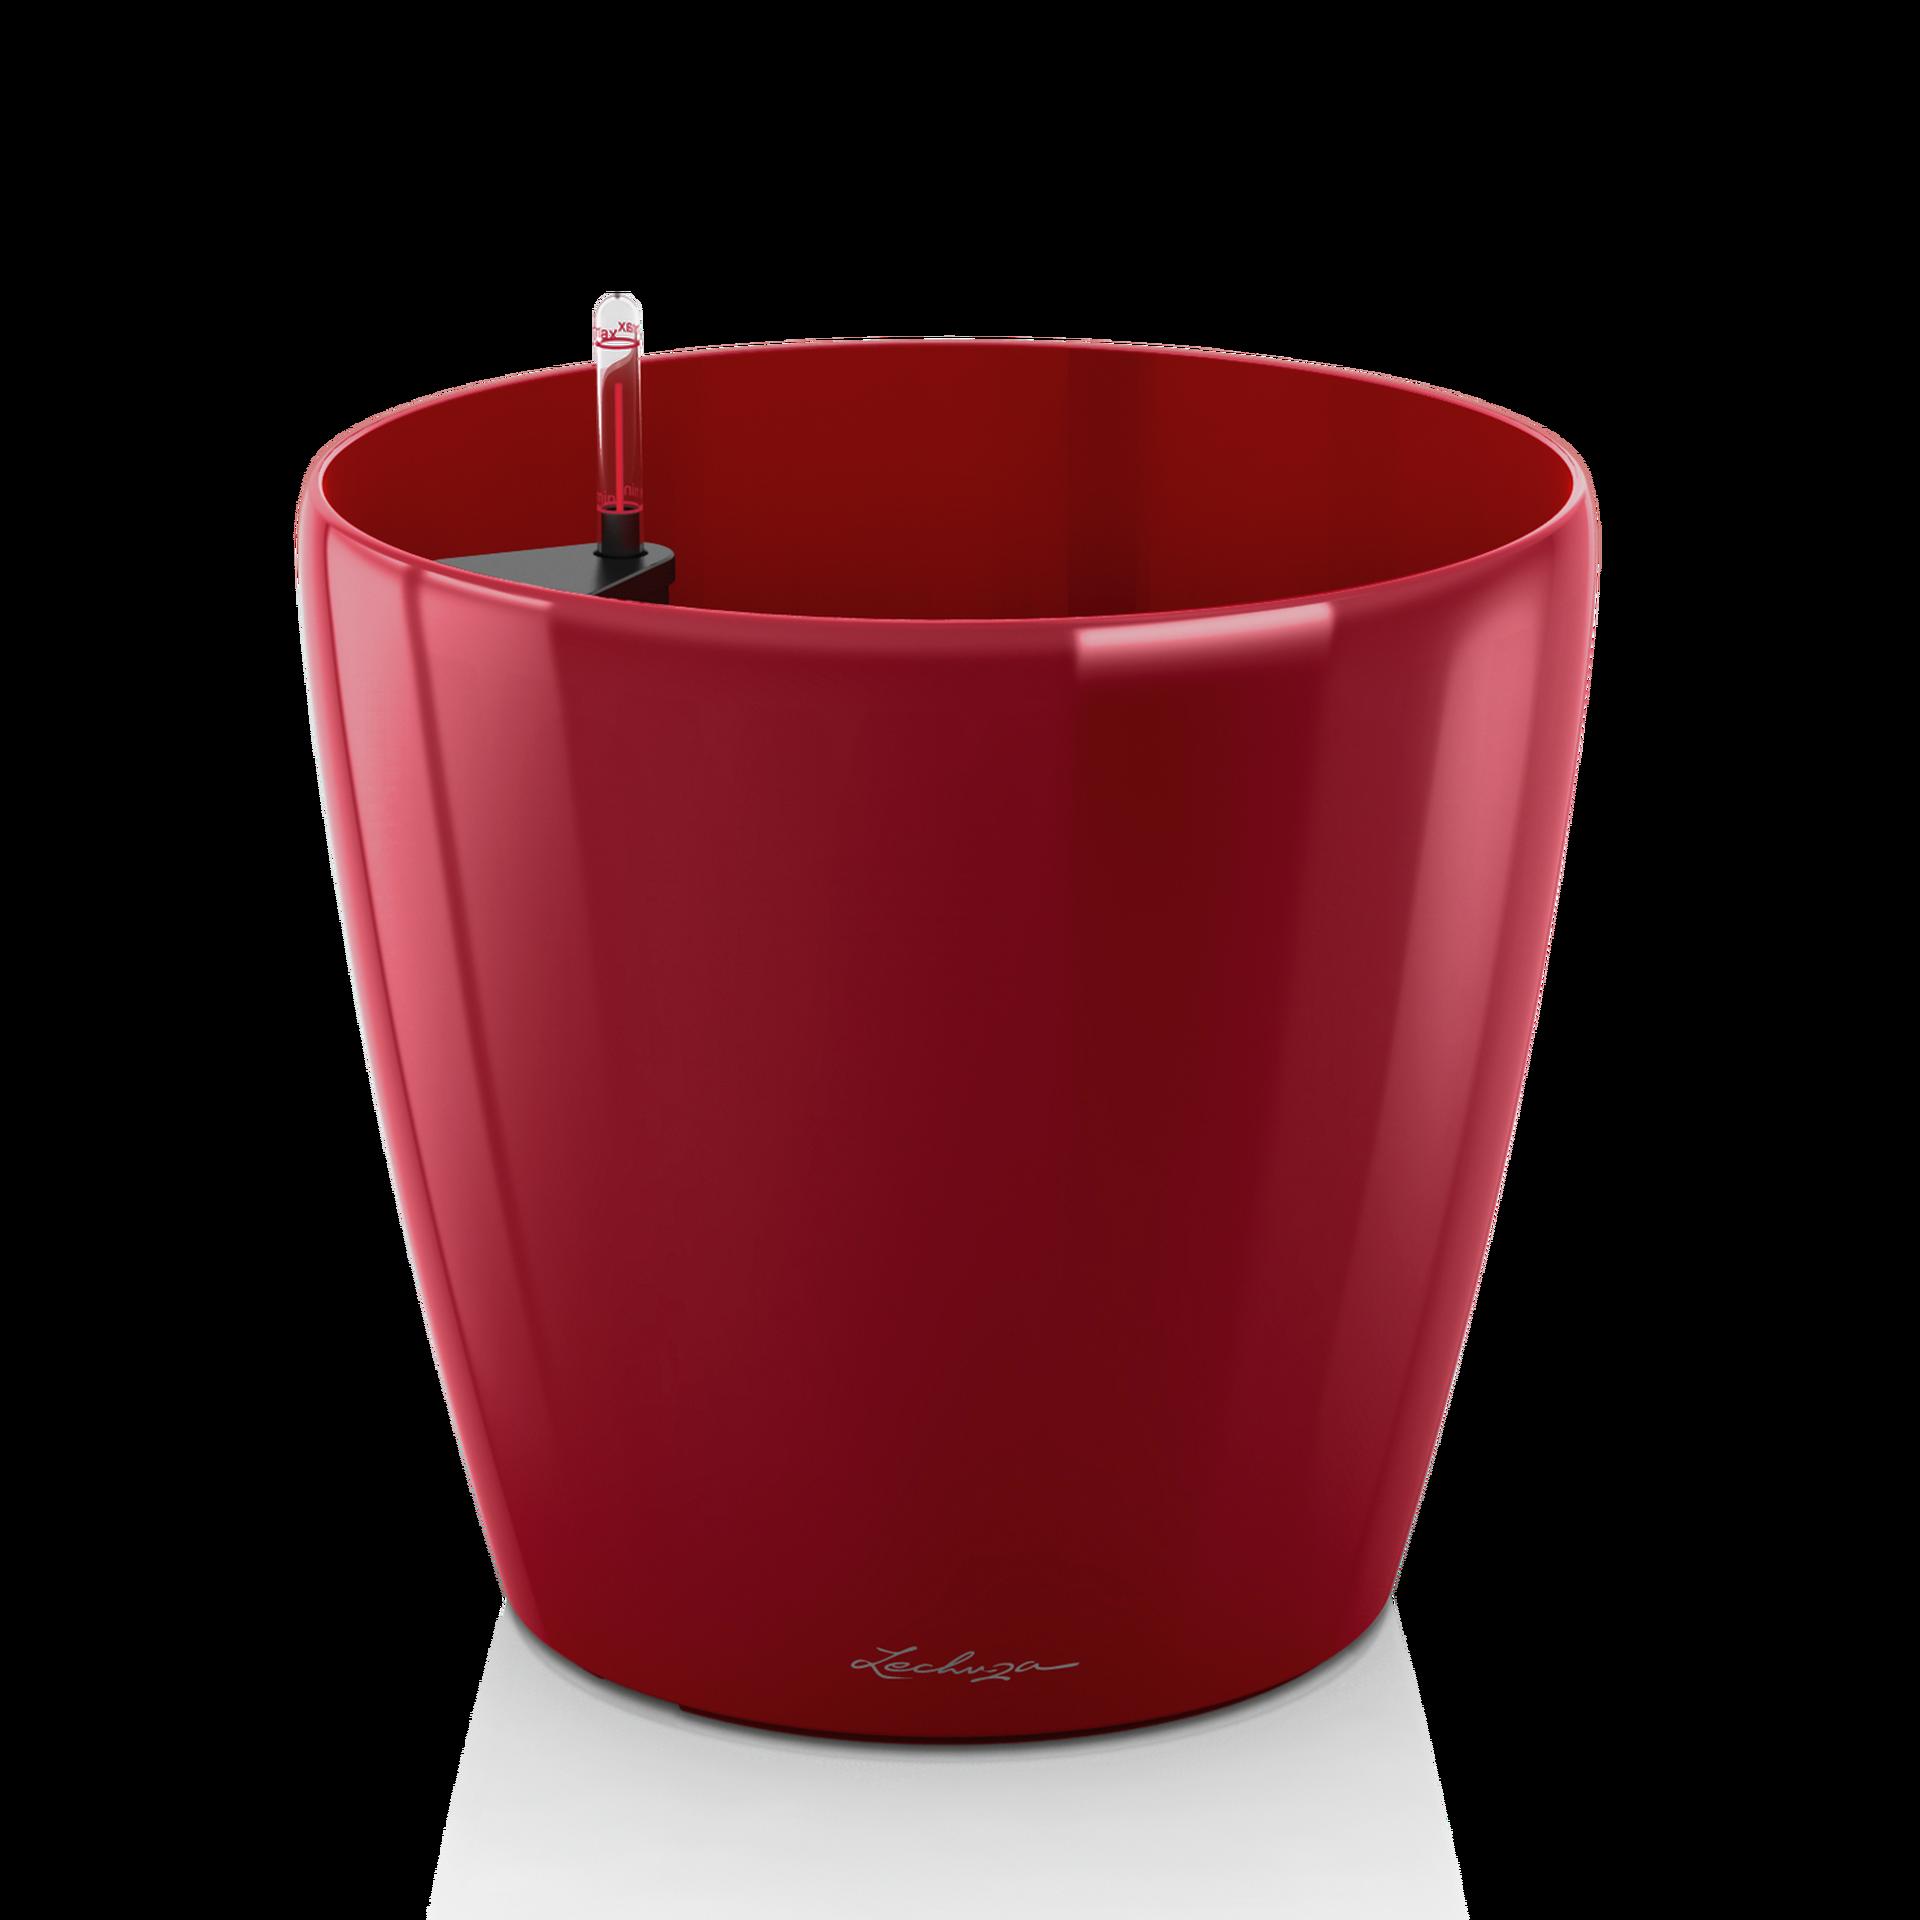 CLASSICO 70 rojo escarlata muy brillante